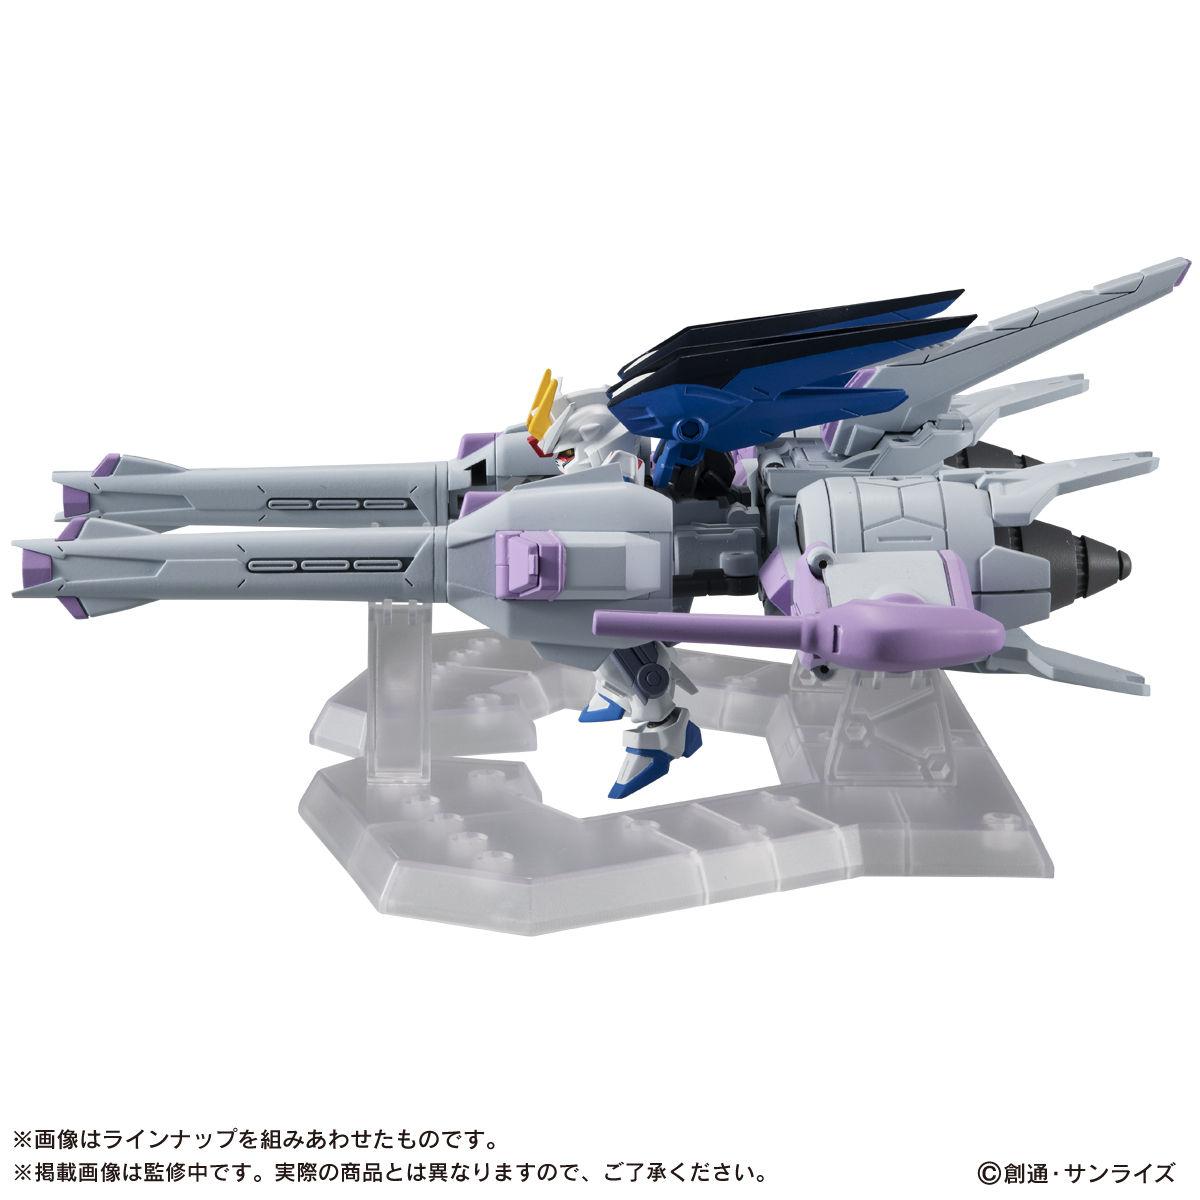 【限定販売】MOBILE SUIT ENSEMBLE『EX14A フリーダムガンダム』機動戦士ガンダムSEED 可動フィギュア-014